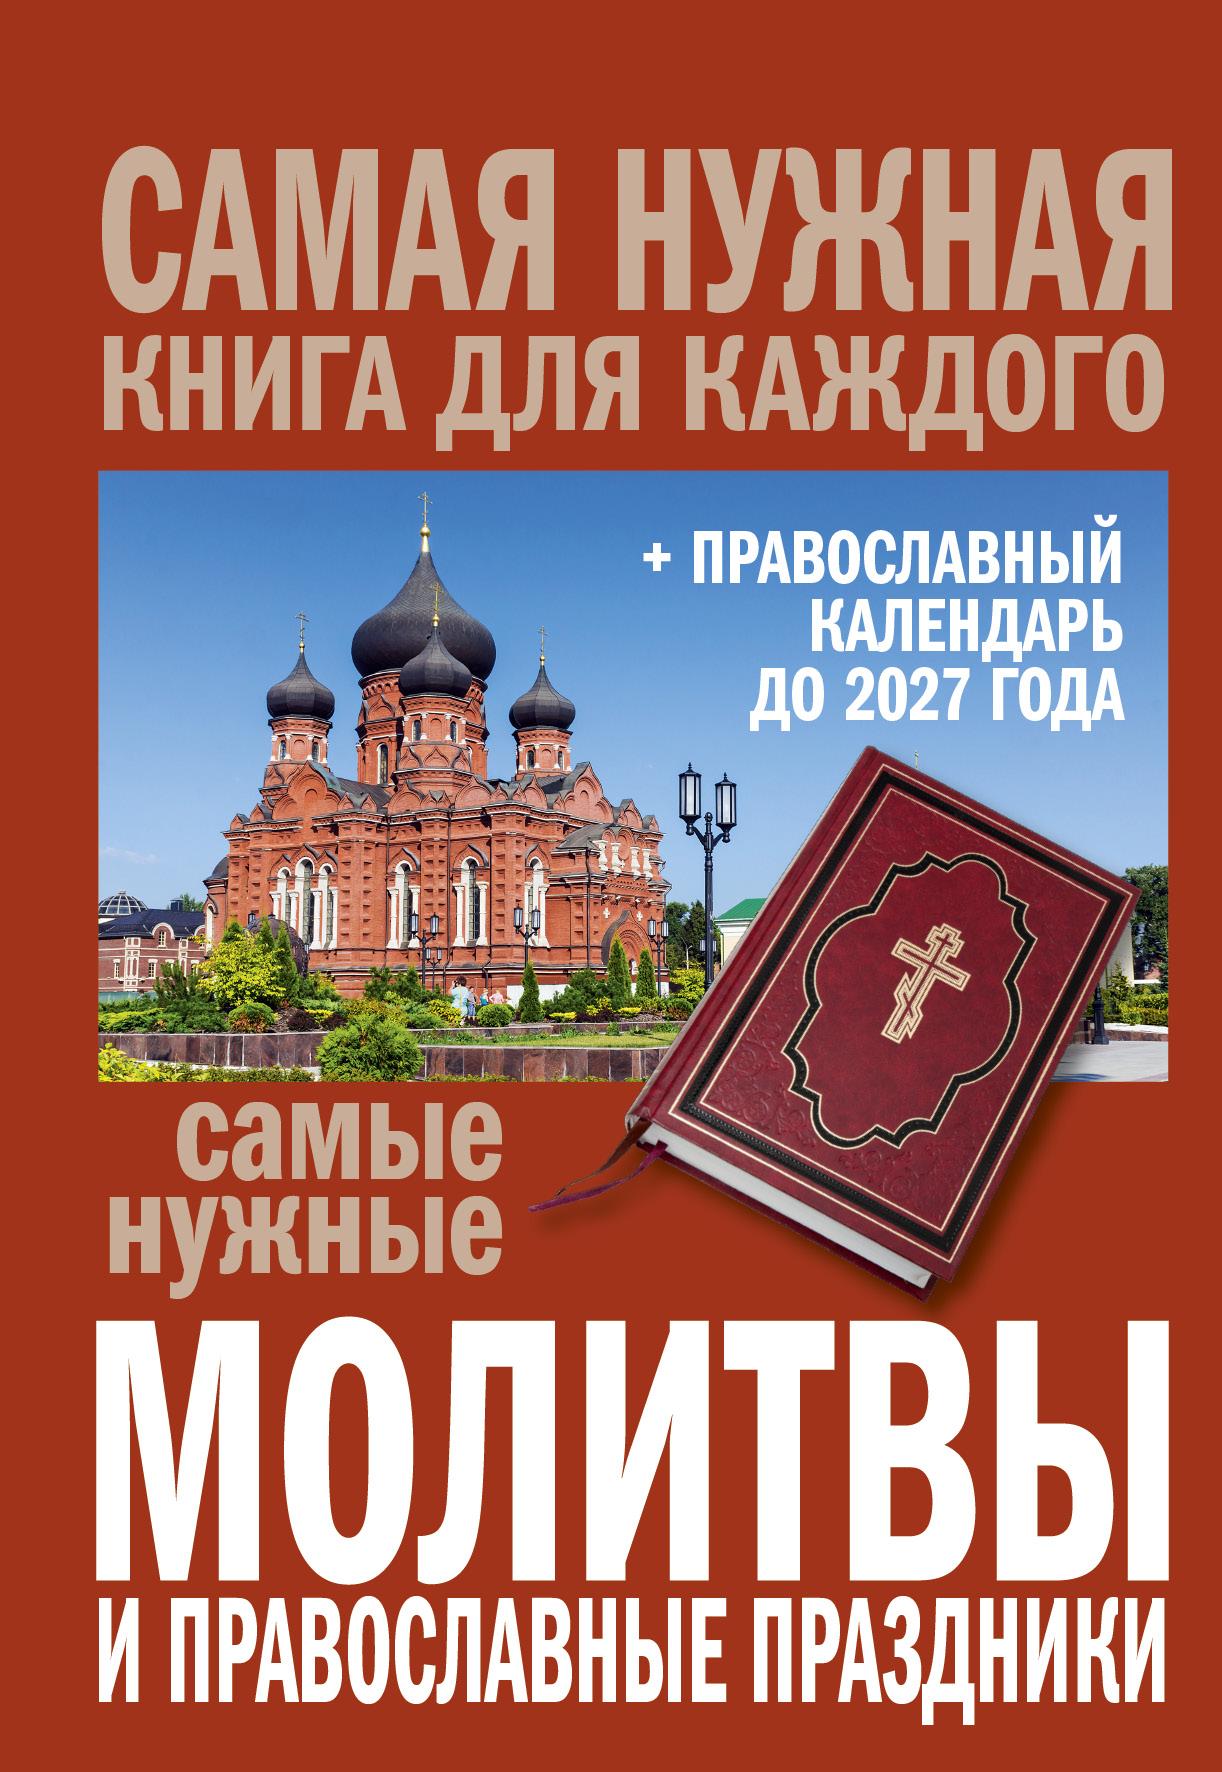 цена на Сборник Самые нужные молитвы и православные праздники + православный календарь до 2027 года